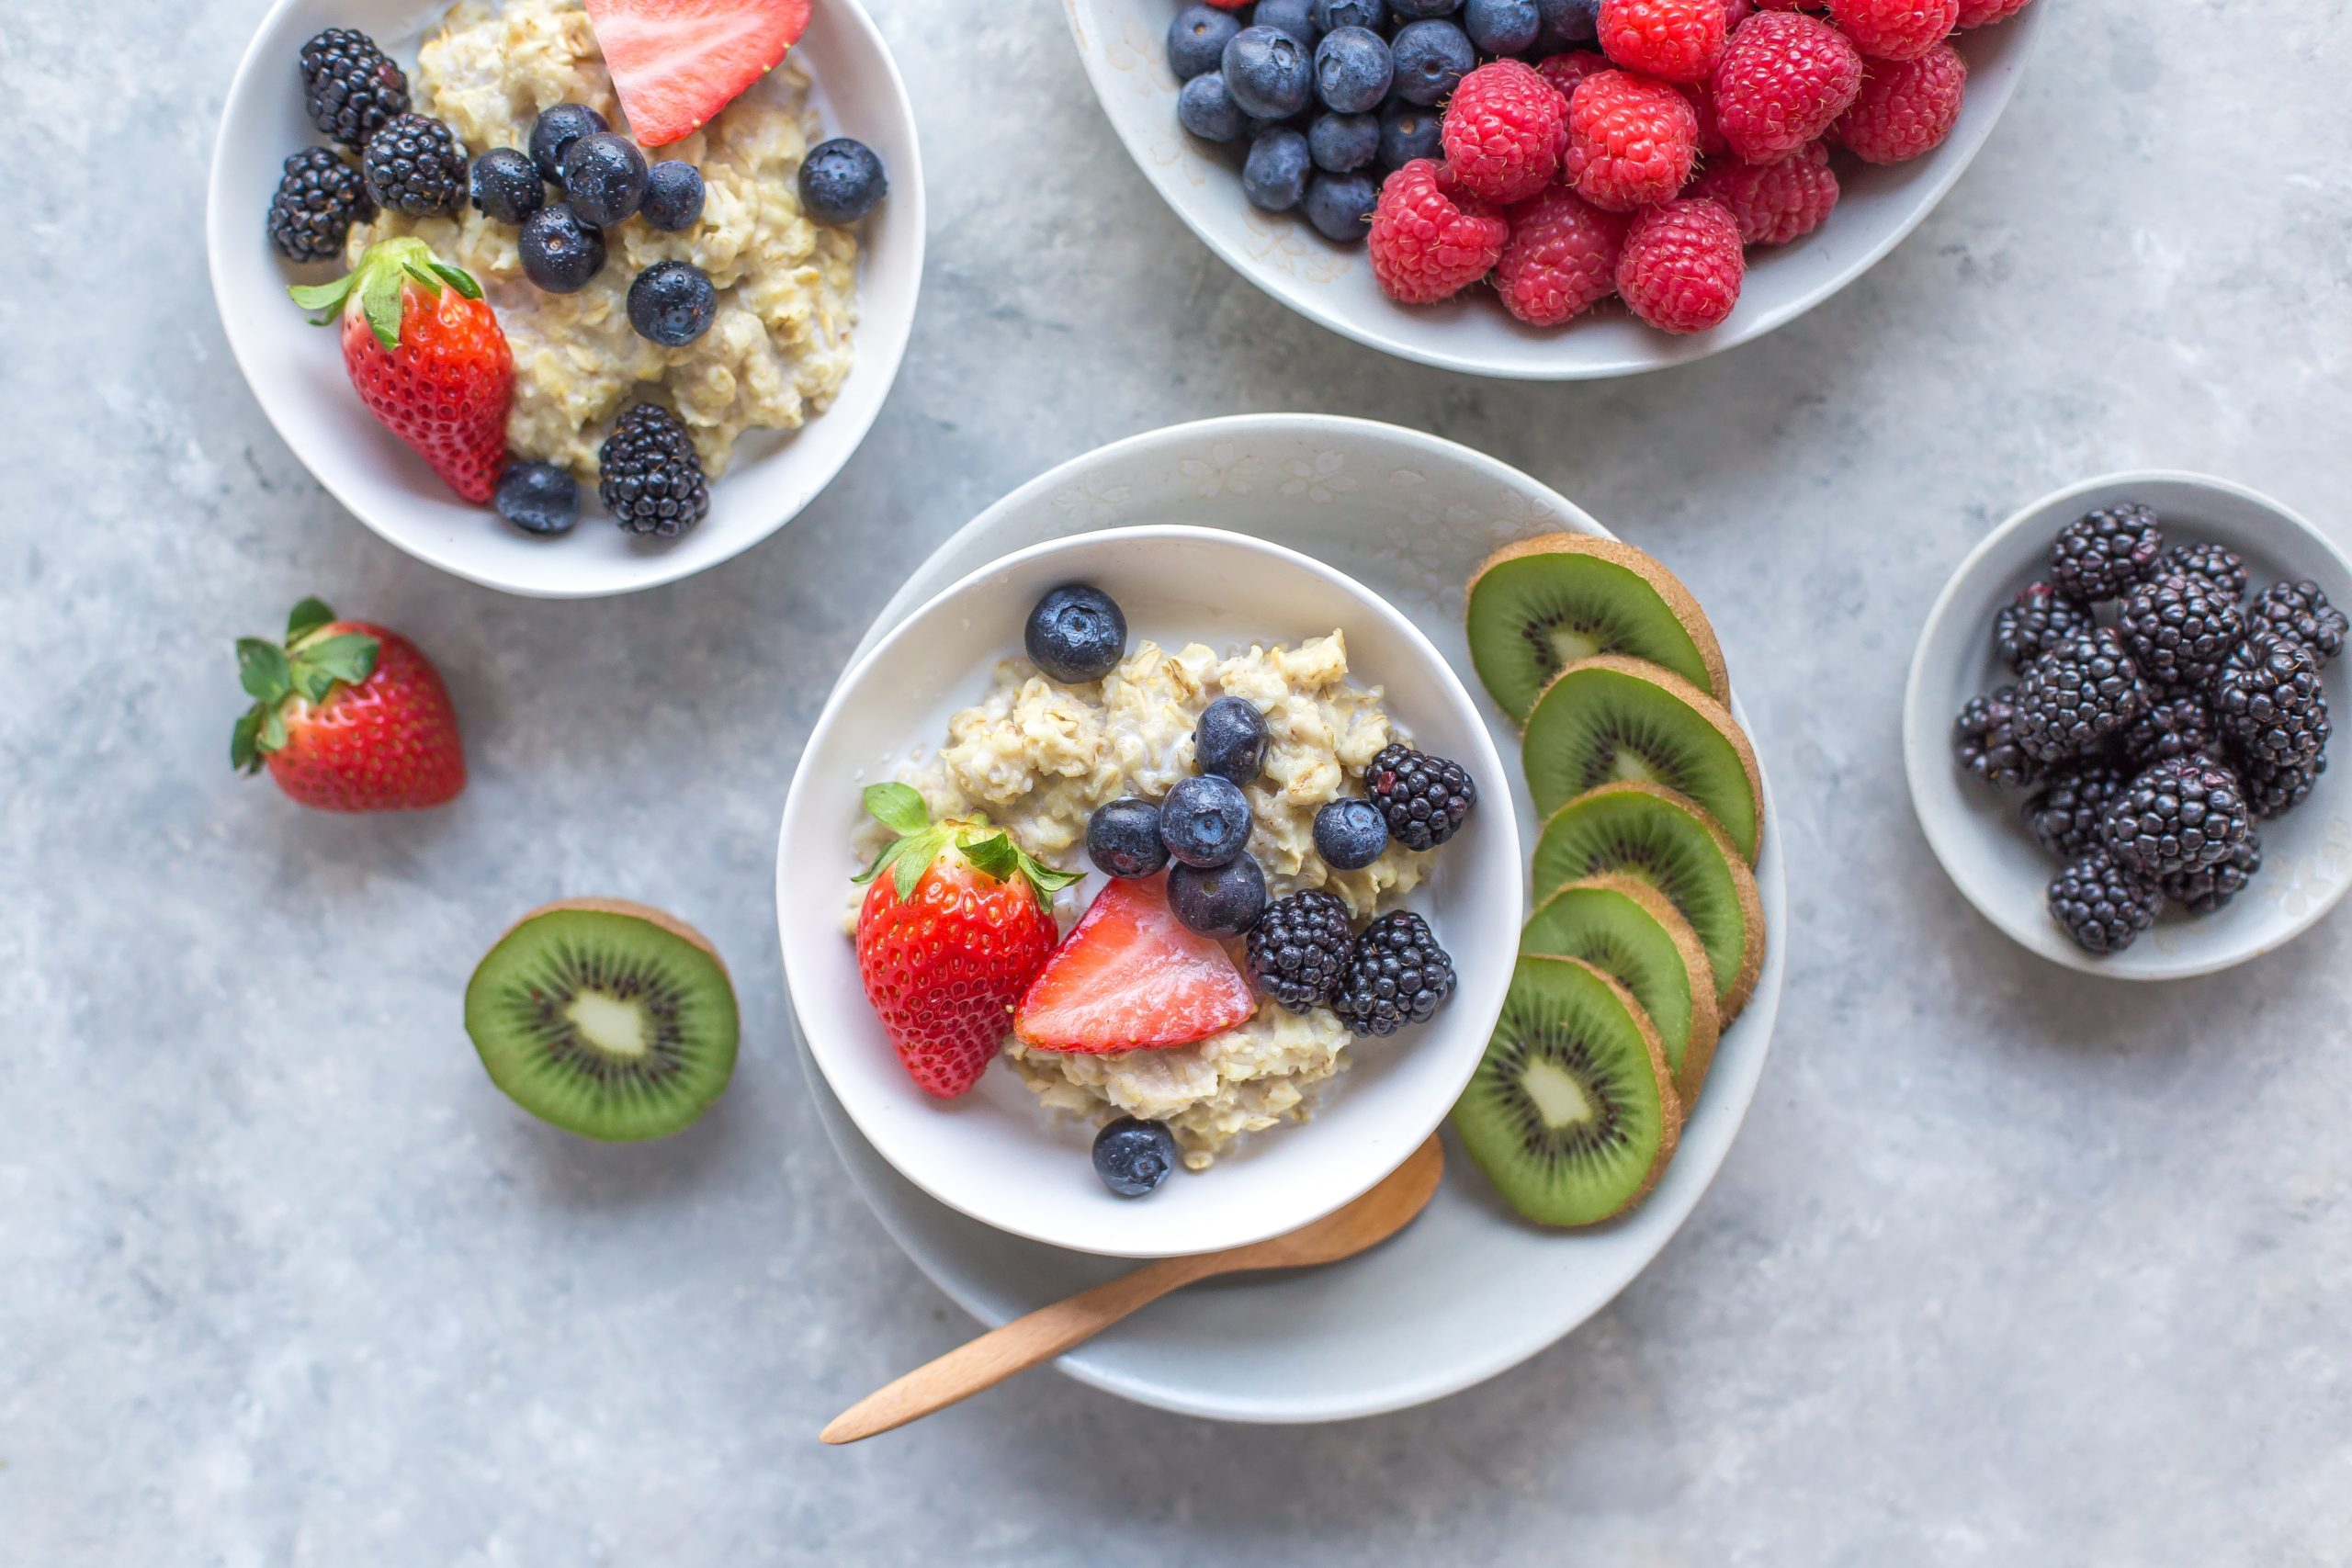 オートミールは時短調理・糖尿病予防・栄養豊富で最高なんだが何故お前らは主食にしないのか